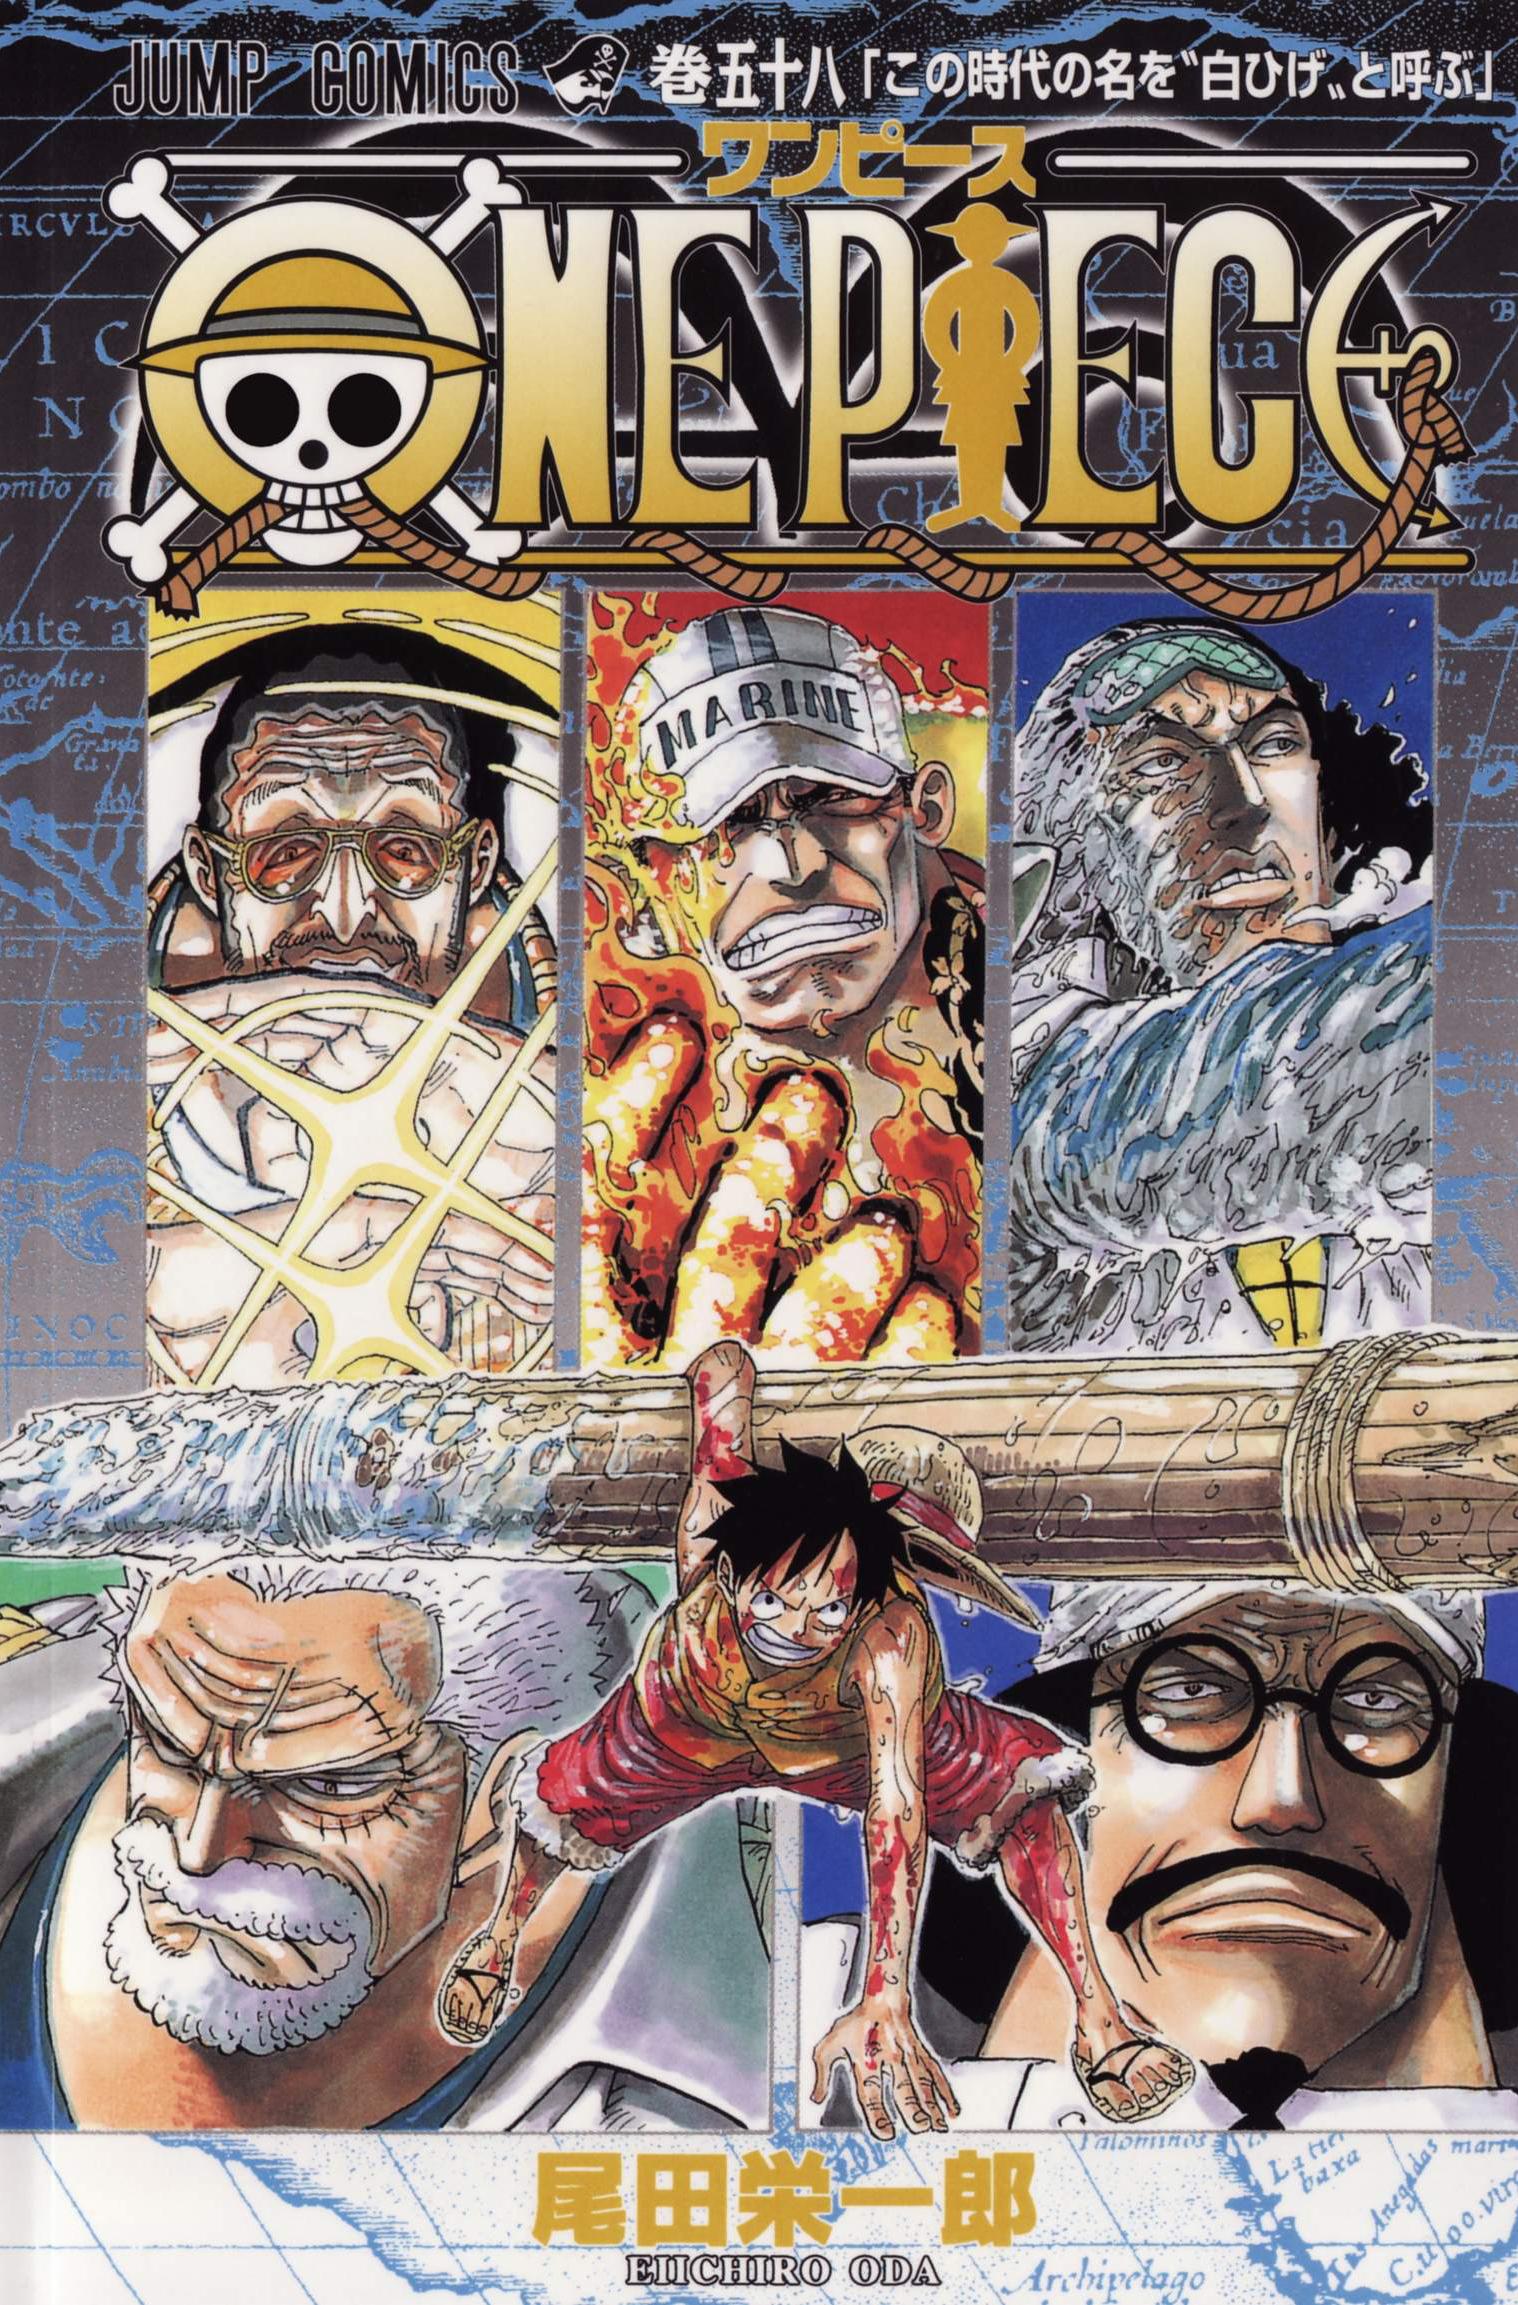 Hasil gambar untuk one piece manga cover